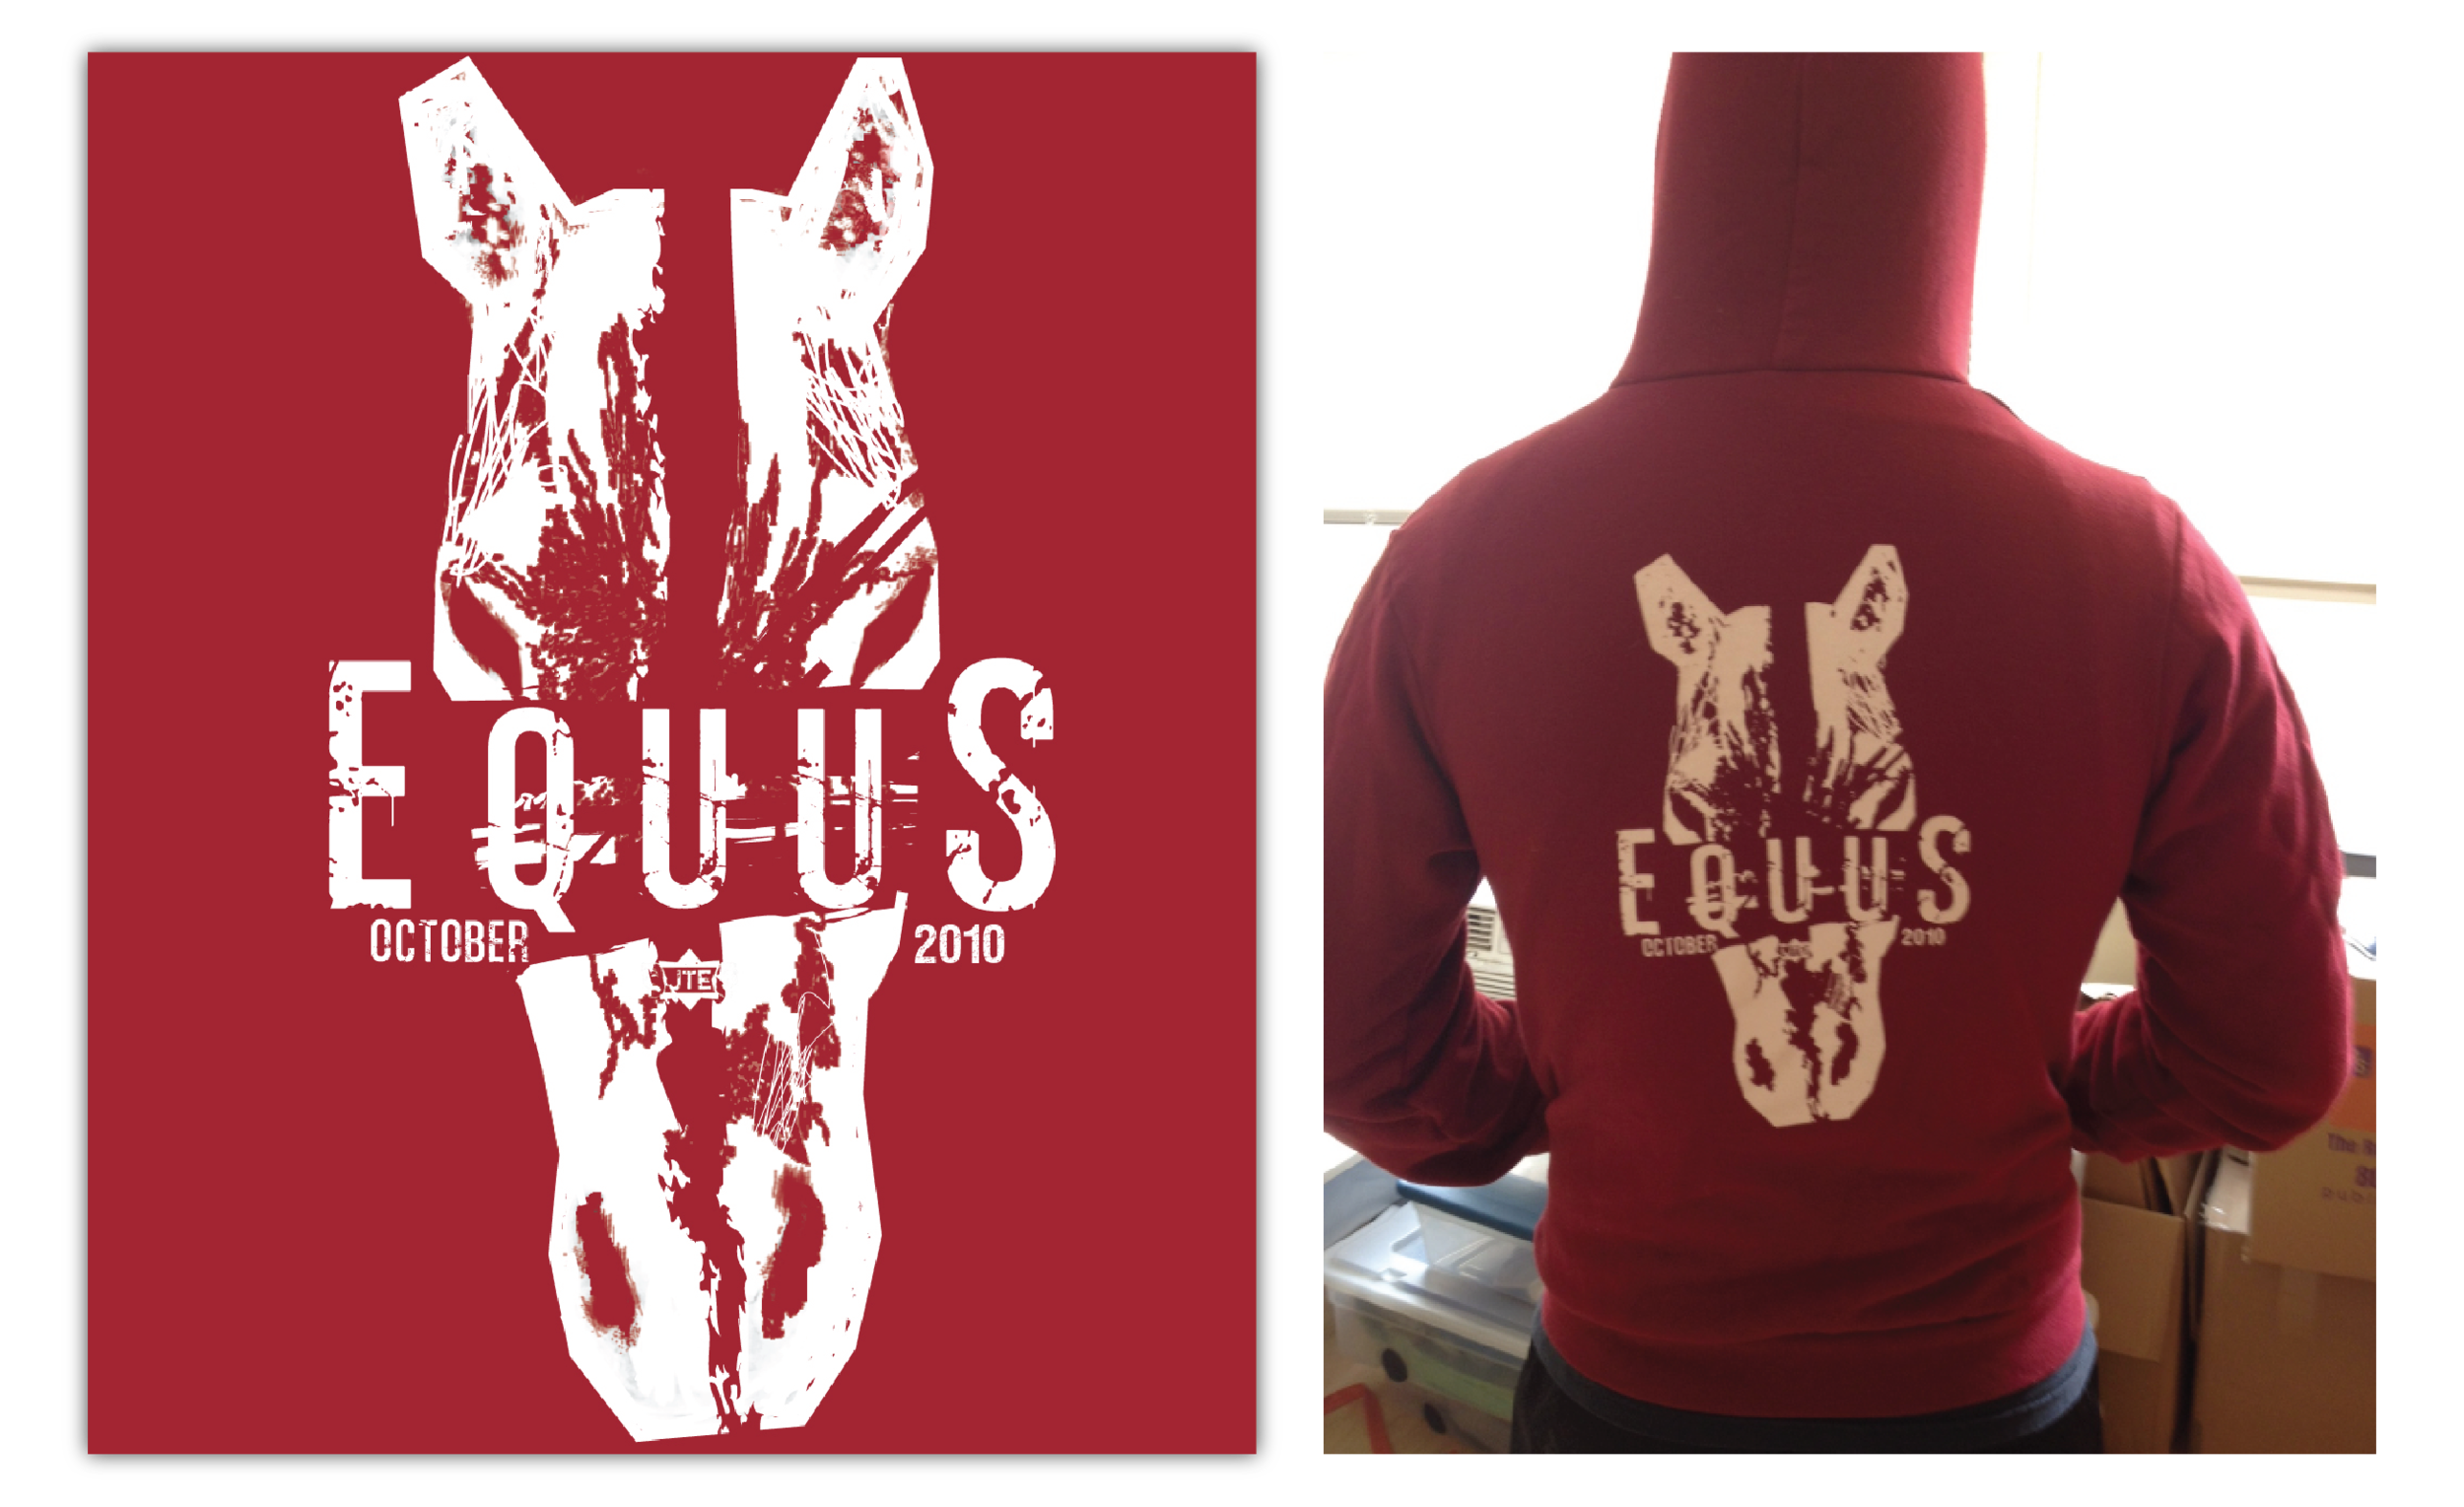 EQUUS  - Merchandise Design